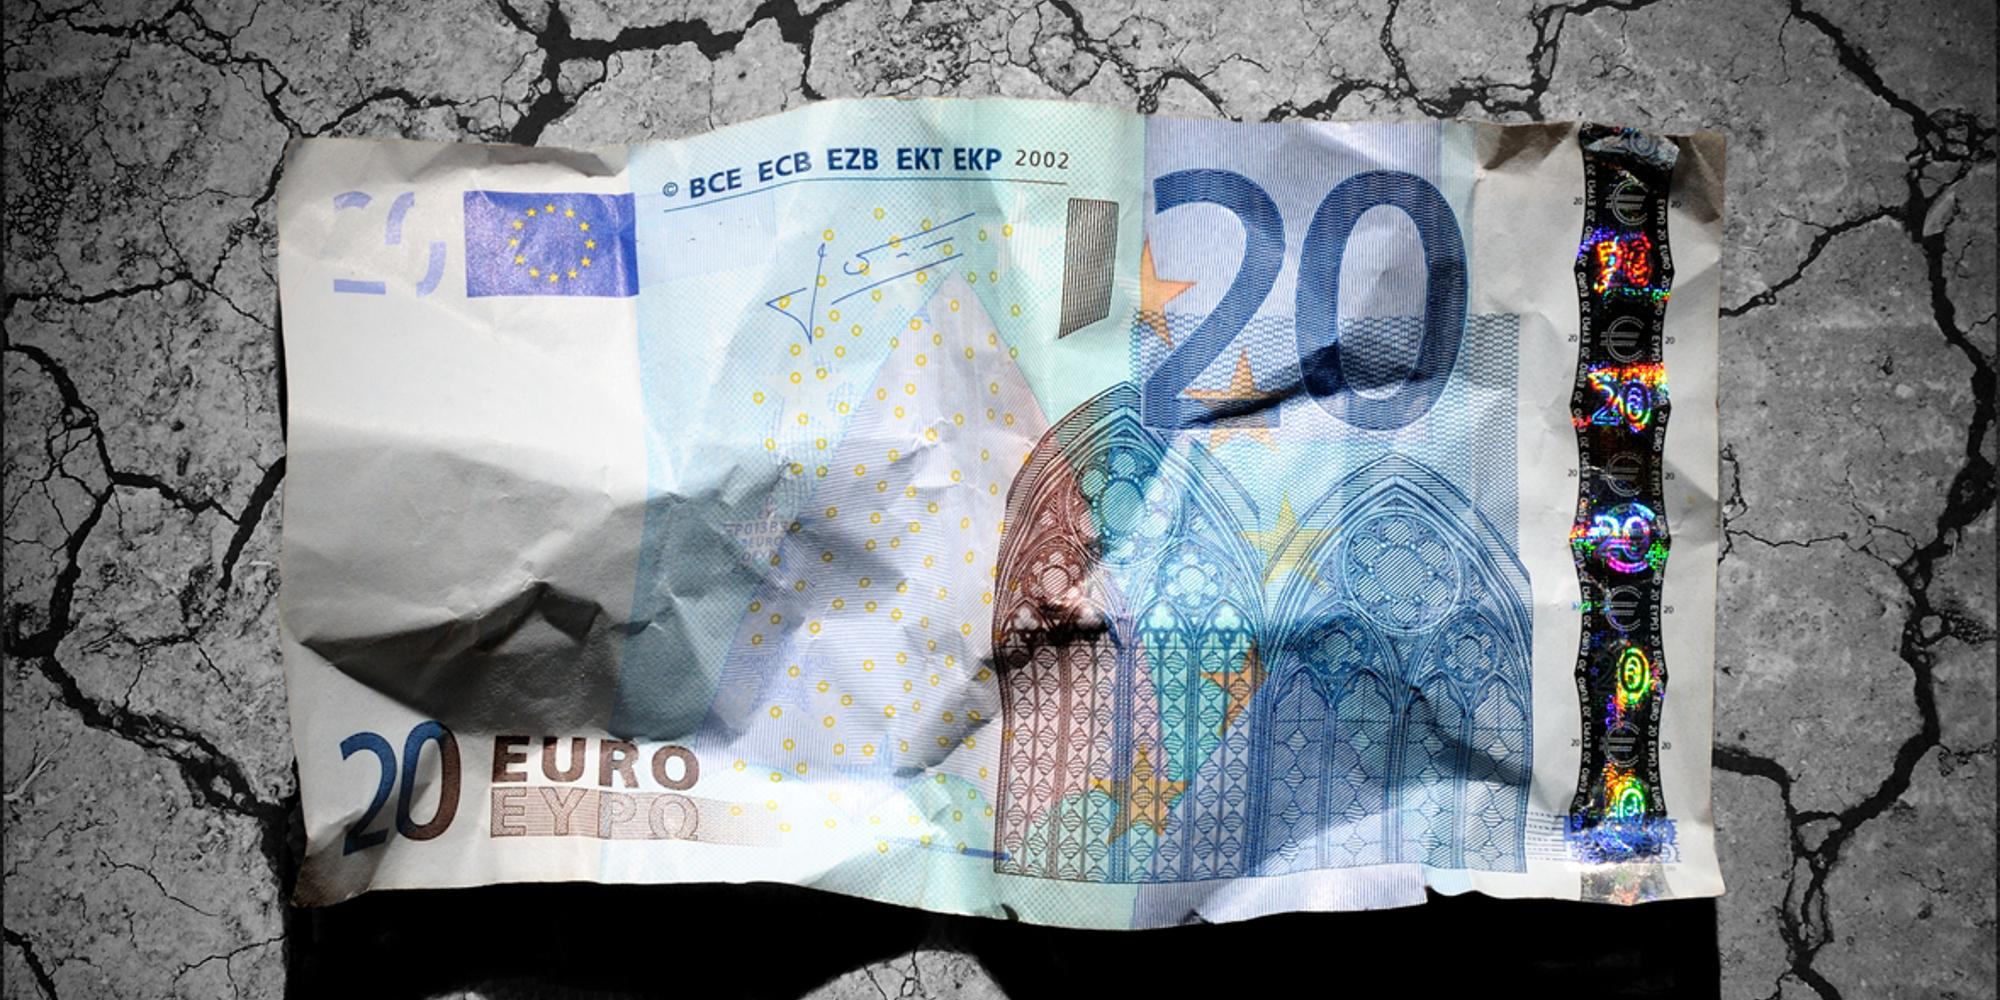 Ελεύθεροι επαγγελματίες: Ρύθμιση έως 120 δόσεις για χρέη κάτω από 20.000 ευρώ